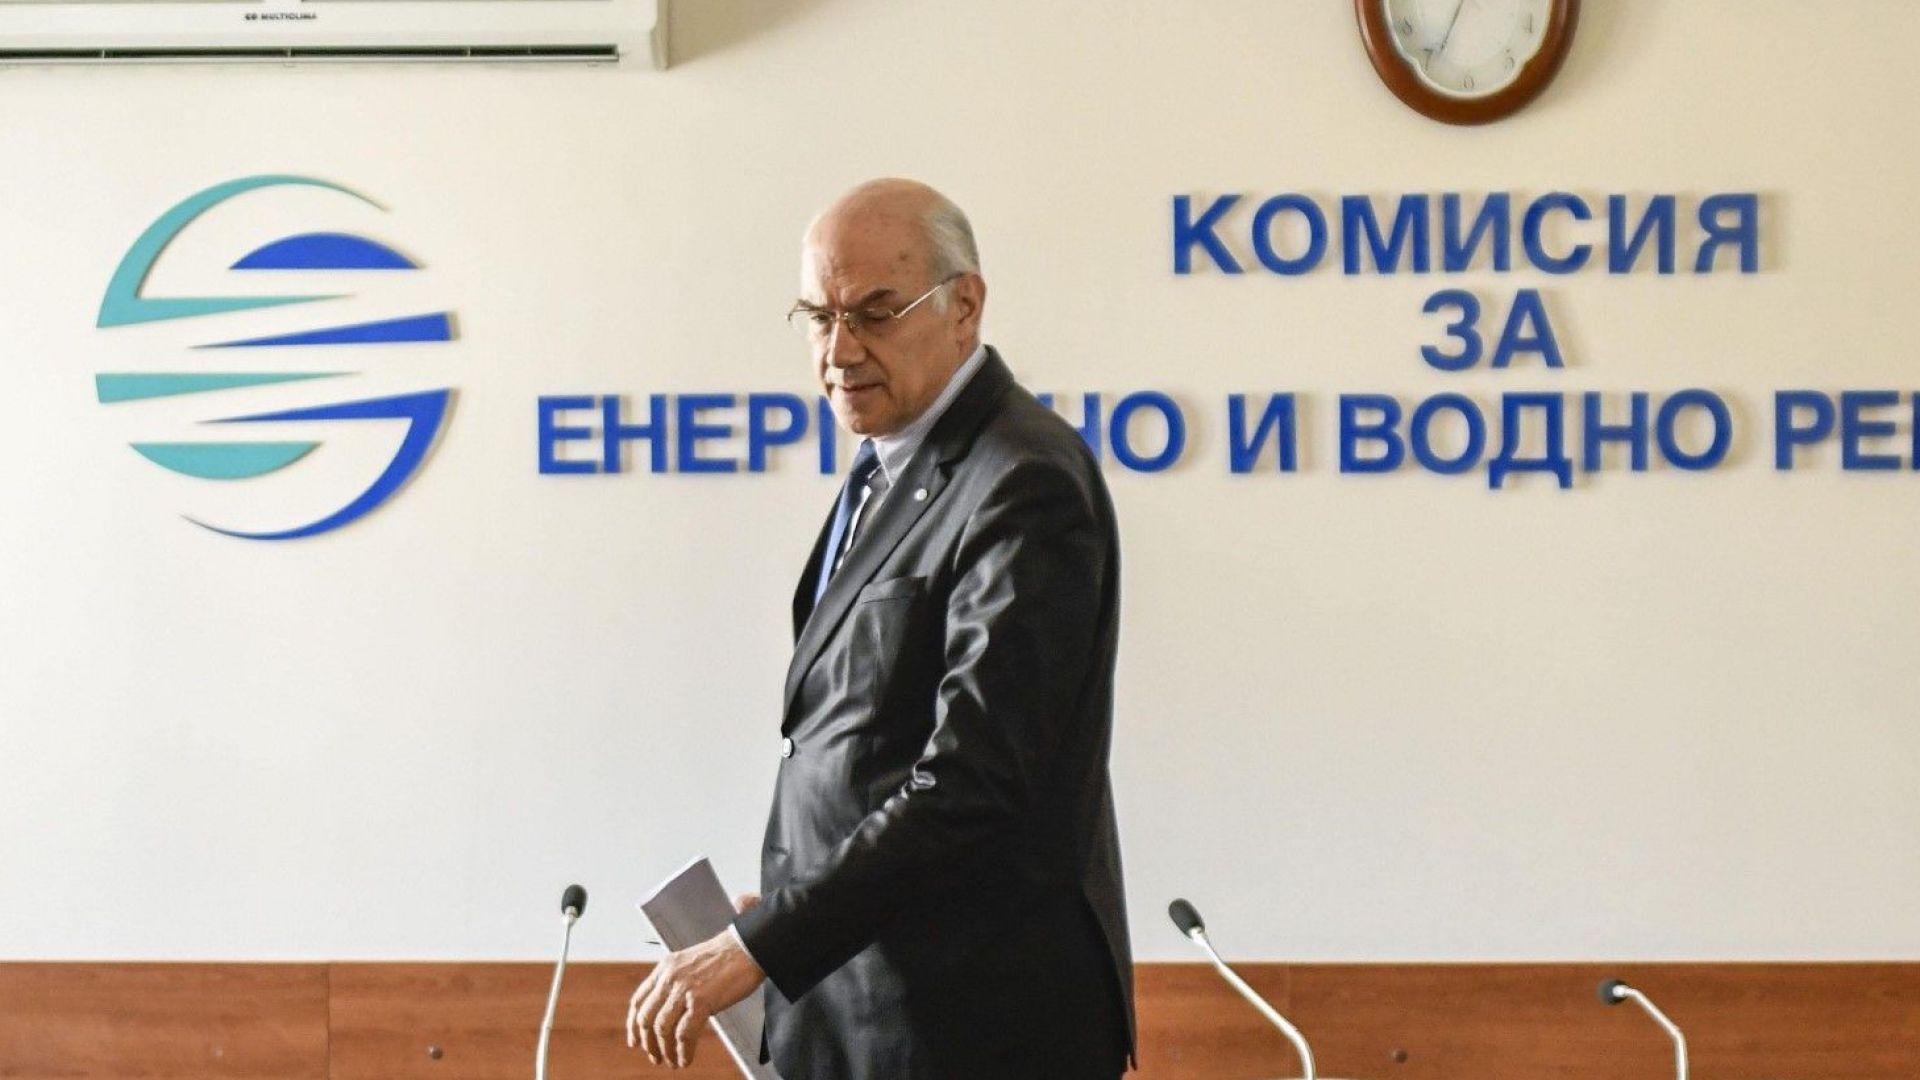 """Георги Ганев за поскъпването на газа: Да преразгледаме договора с """"Газпром"""""""